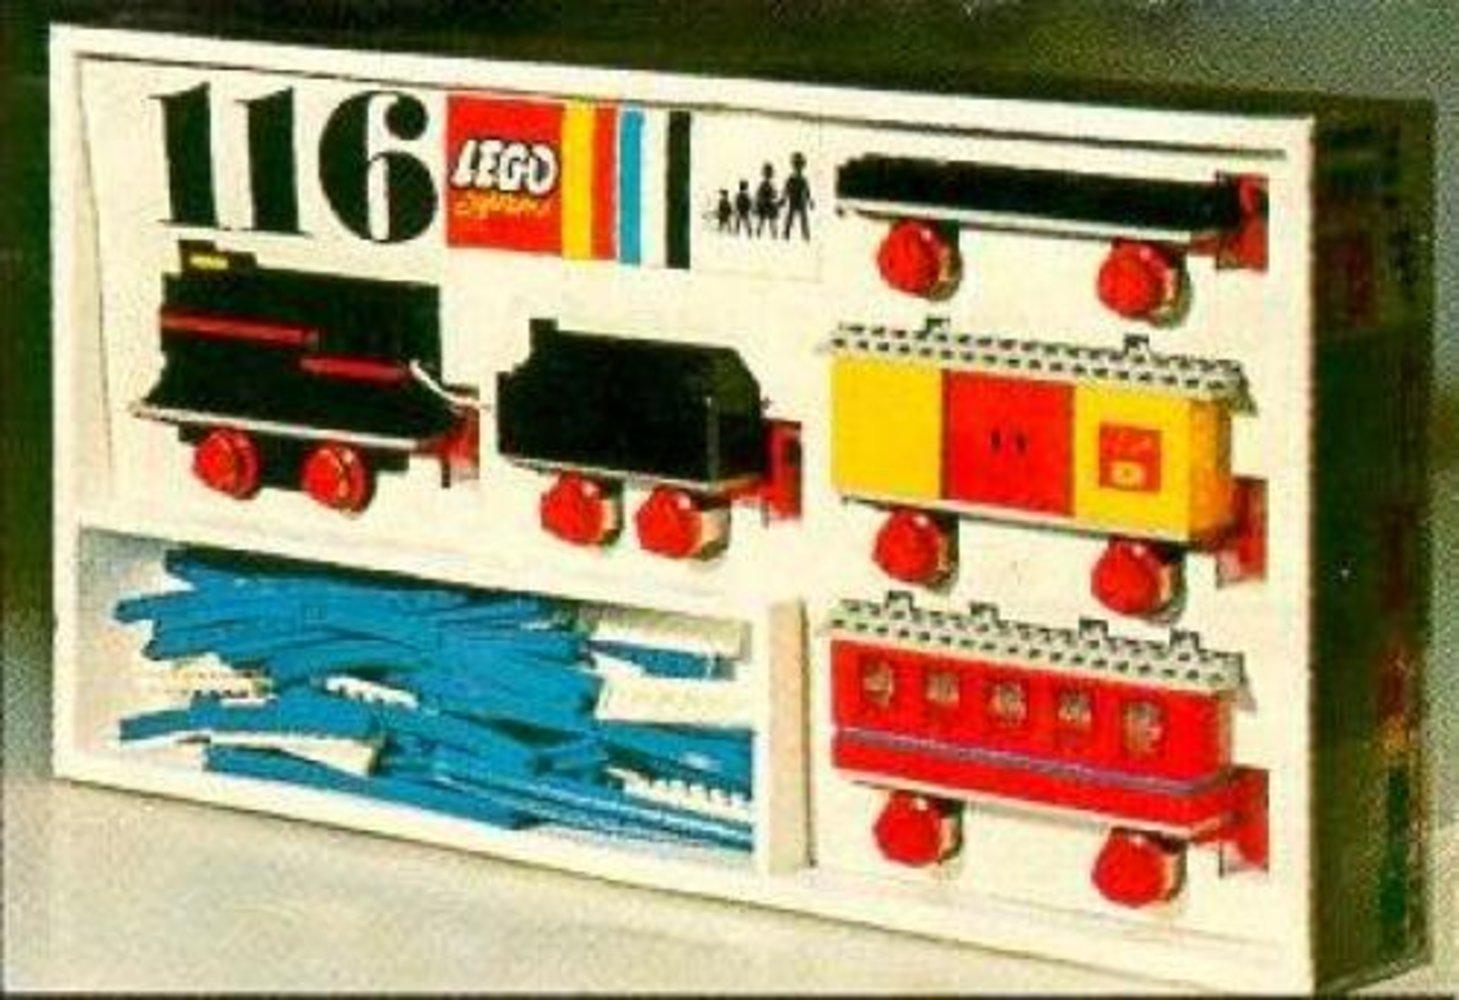 Deluxe Motorized Train Set